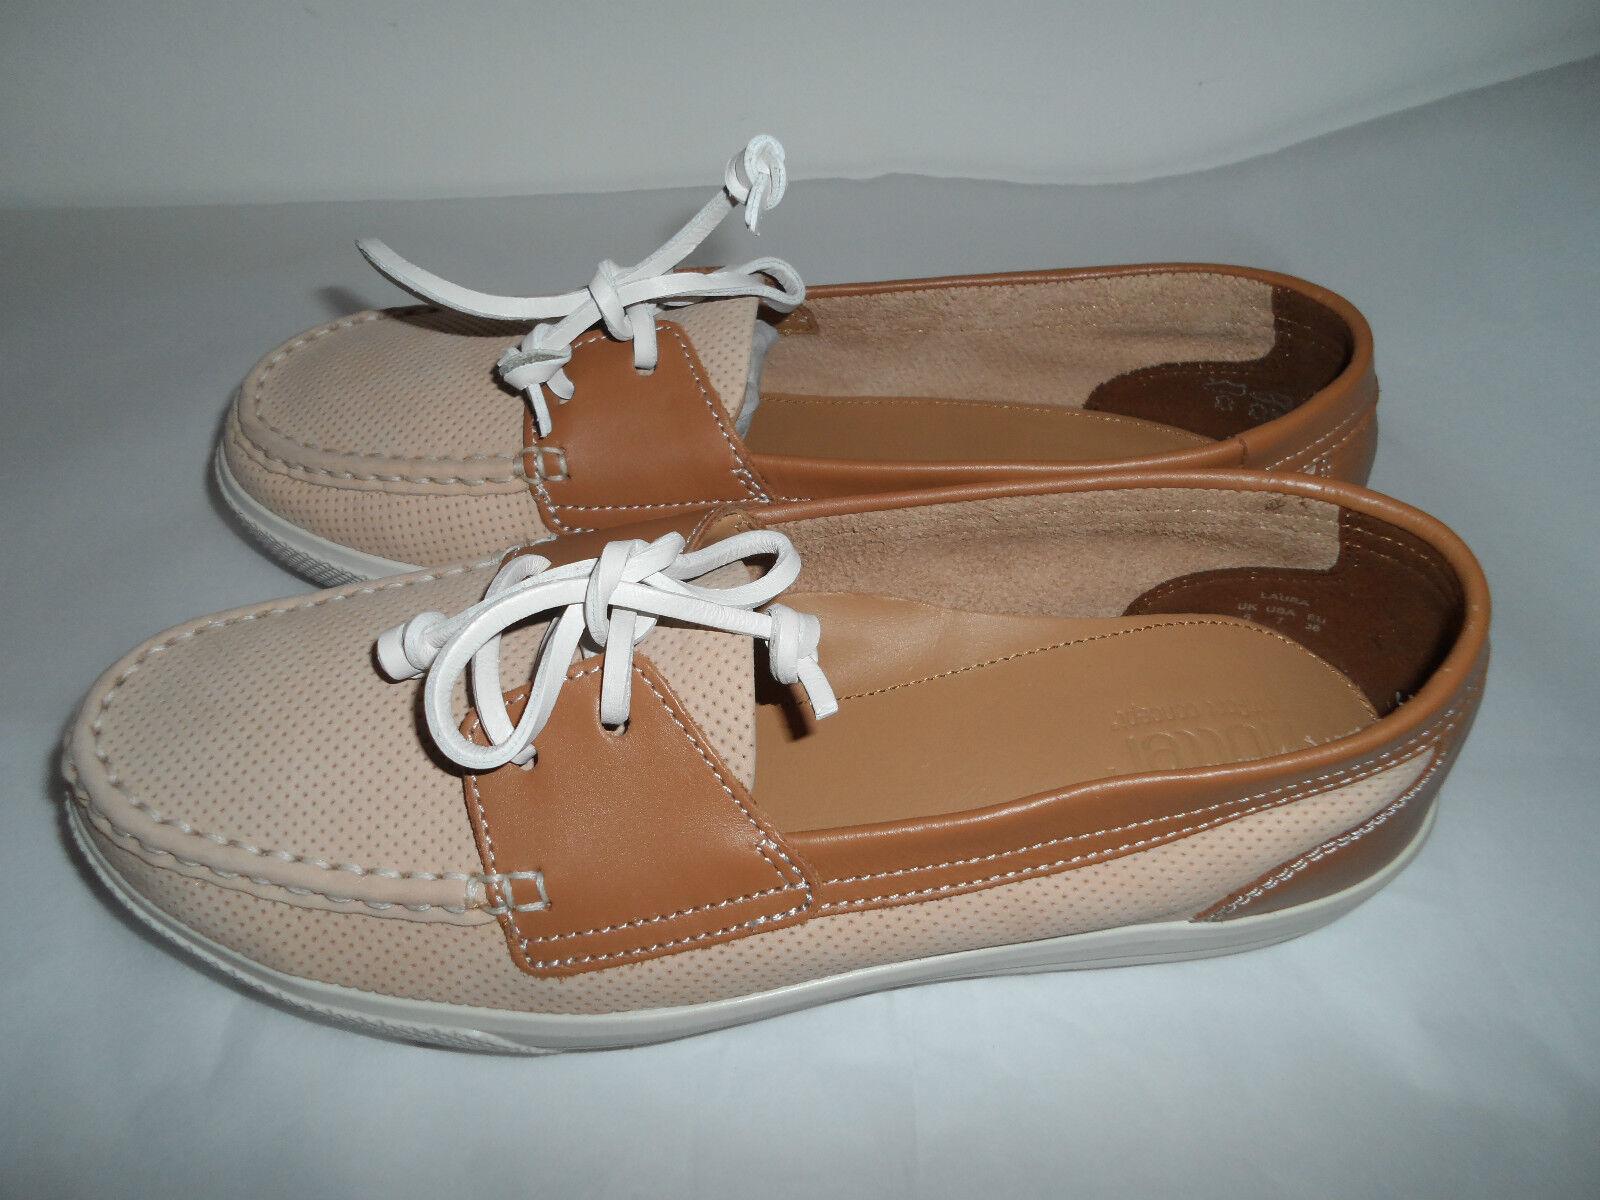 Zapatos De Cuero más caliente Laura marrón y y y tan Plana Talla 5 (38) Nuevo Y En Caja  servicio de primera clase